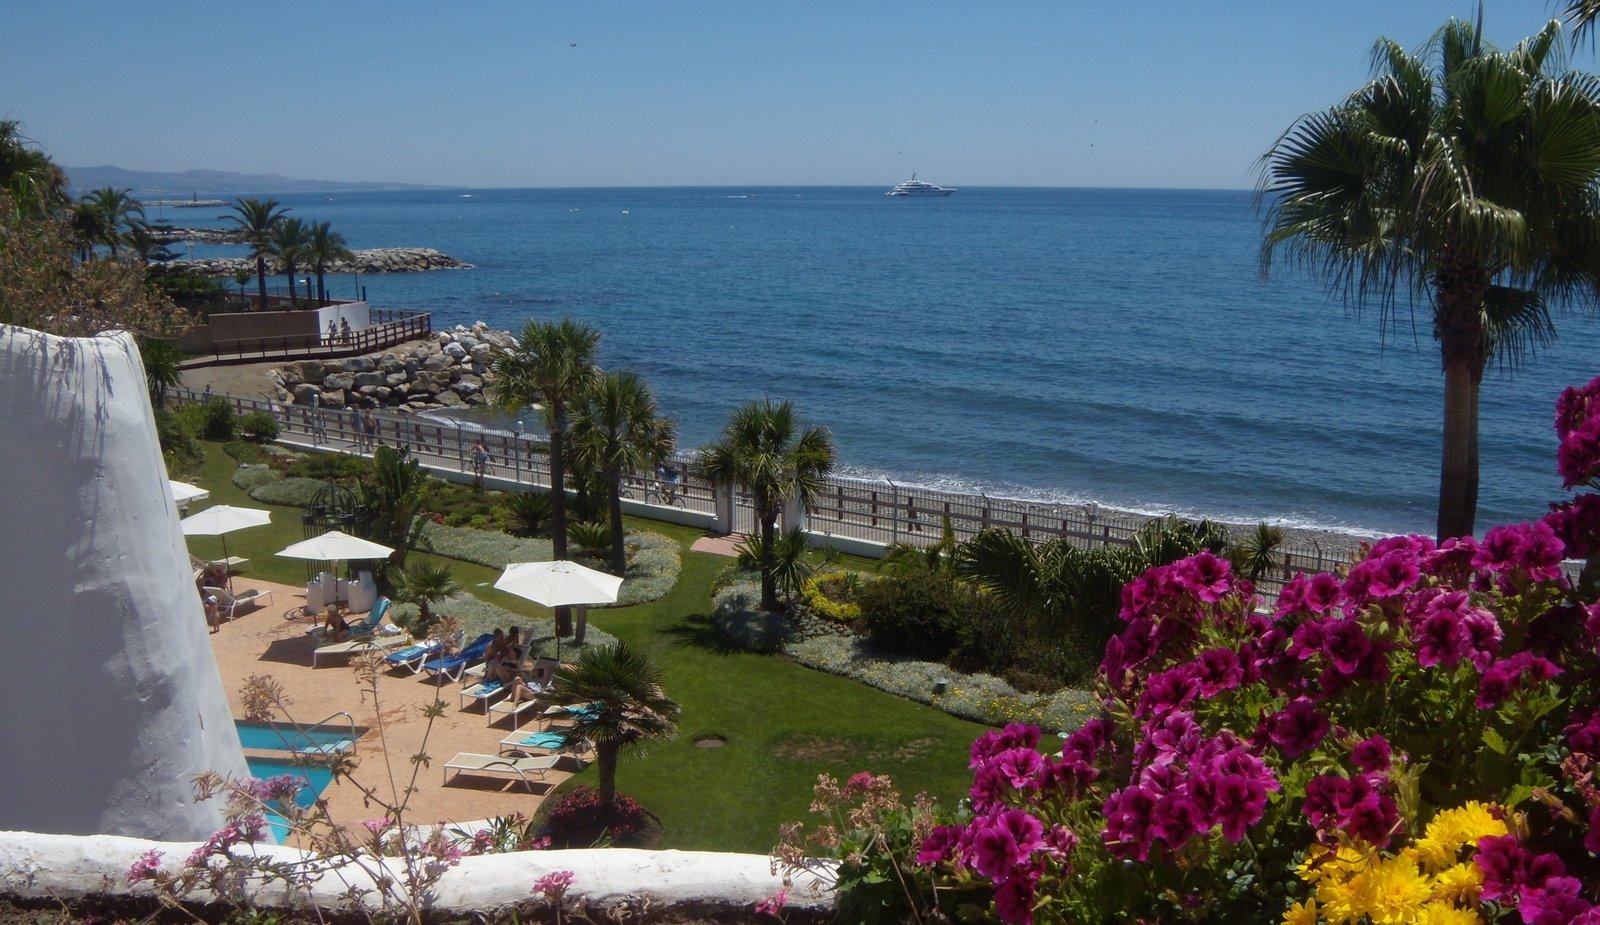 Vistas al mar desde una propiedad, Marbella